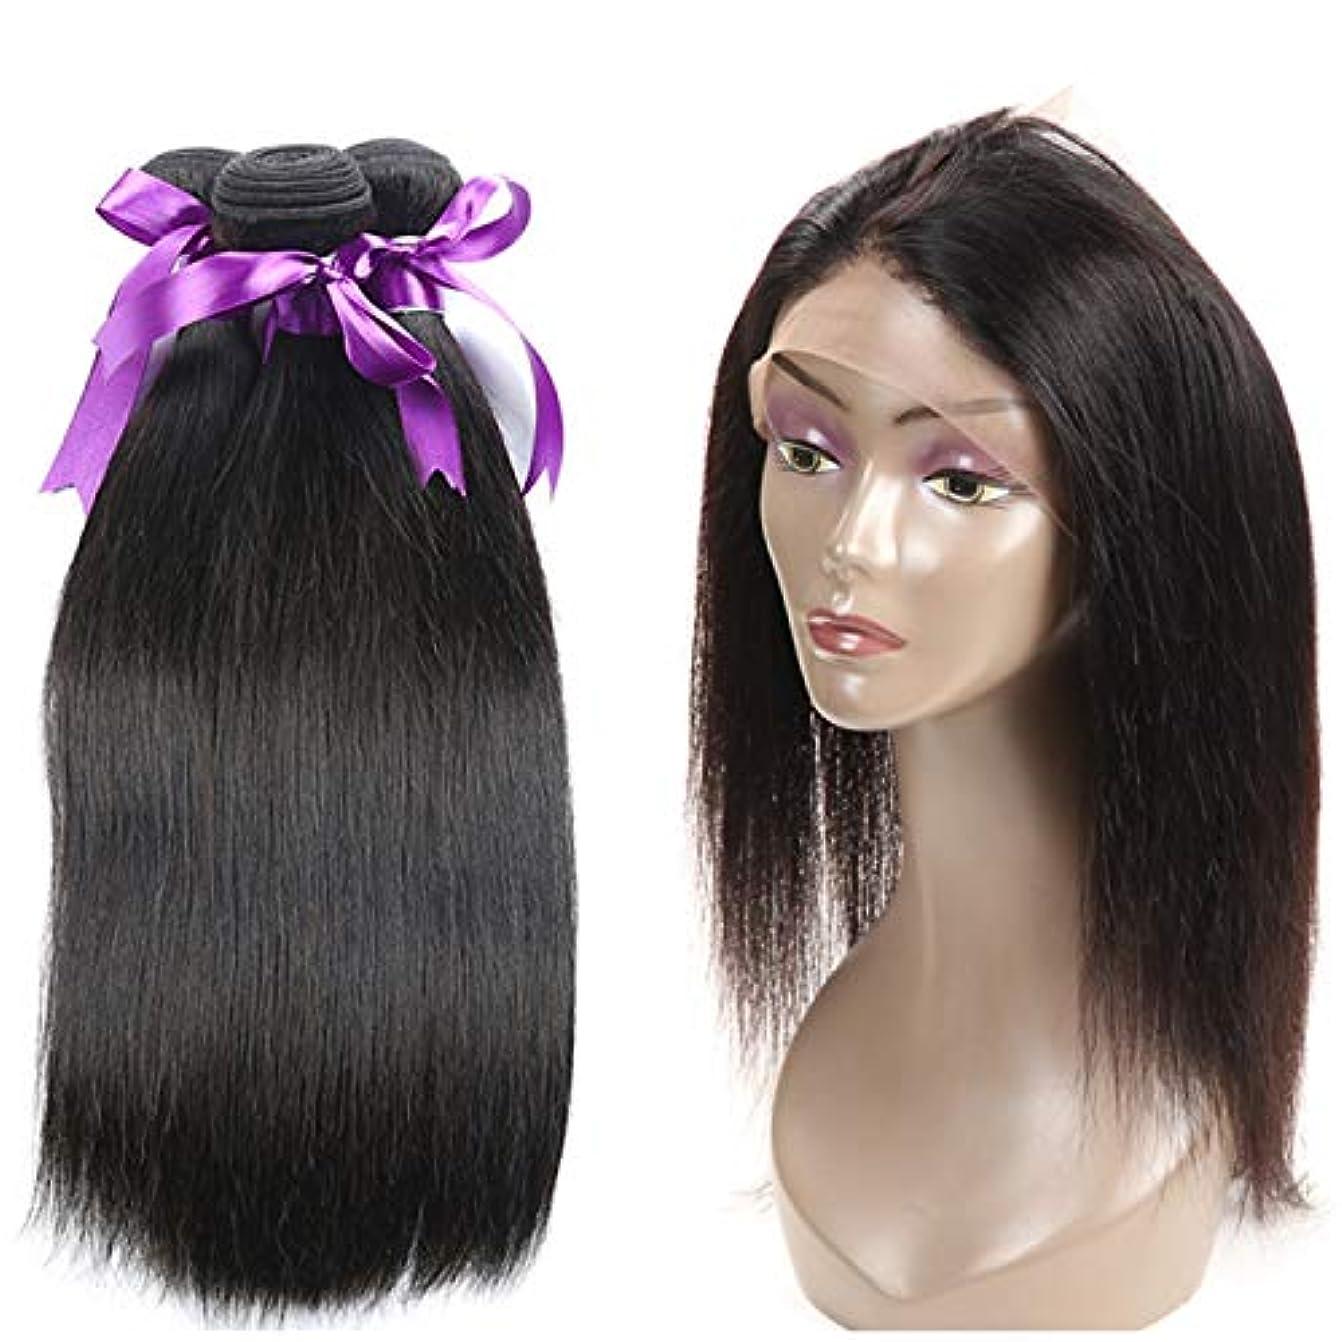 バース取り扱い所持かつら ブラジルストレートヘア360レース前頭葉付き非レミー人間の髪の毛3バンドル360前頭人間の髪の毛のかつら (Length : 14 14 16 Closure12)